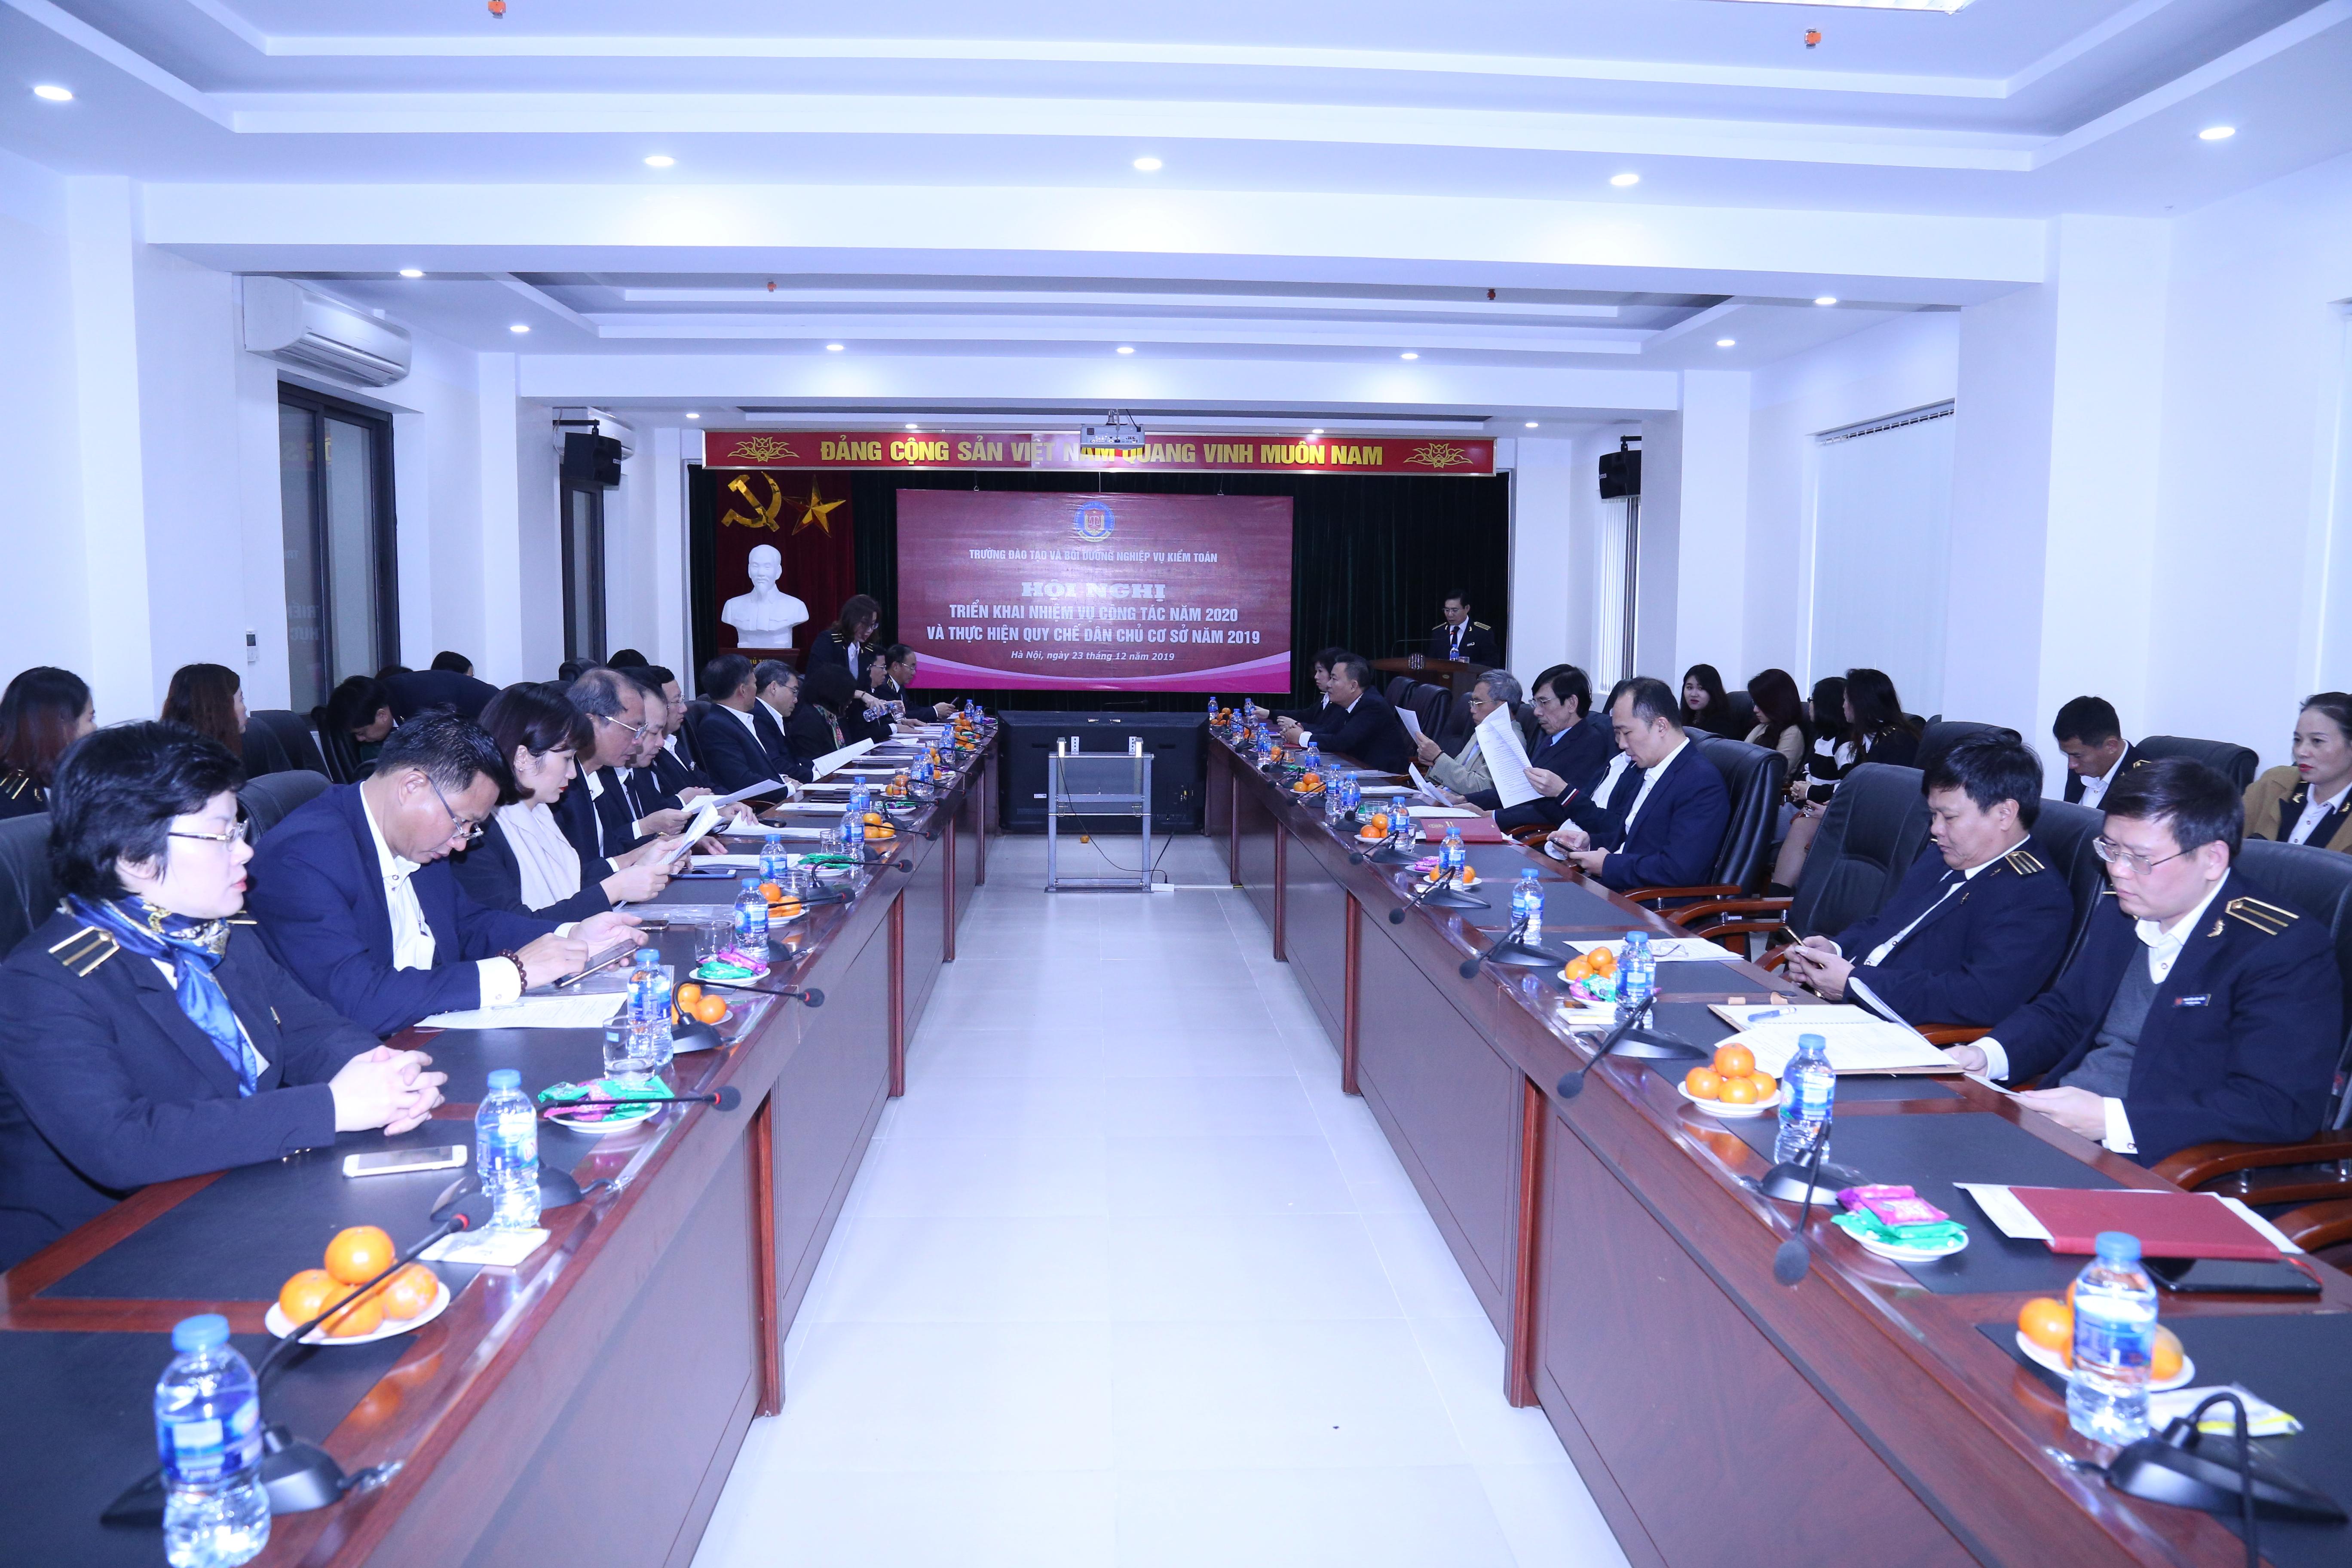 Trường Đào tạo và Bồi dưỡng nghiệp vụ kiểm toán tổ chức triển khai công tác năm 2020 và thực hiện quy chế dân chủ cơ sở năm 2019